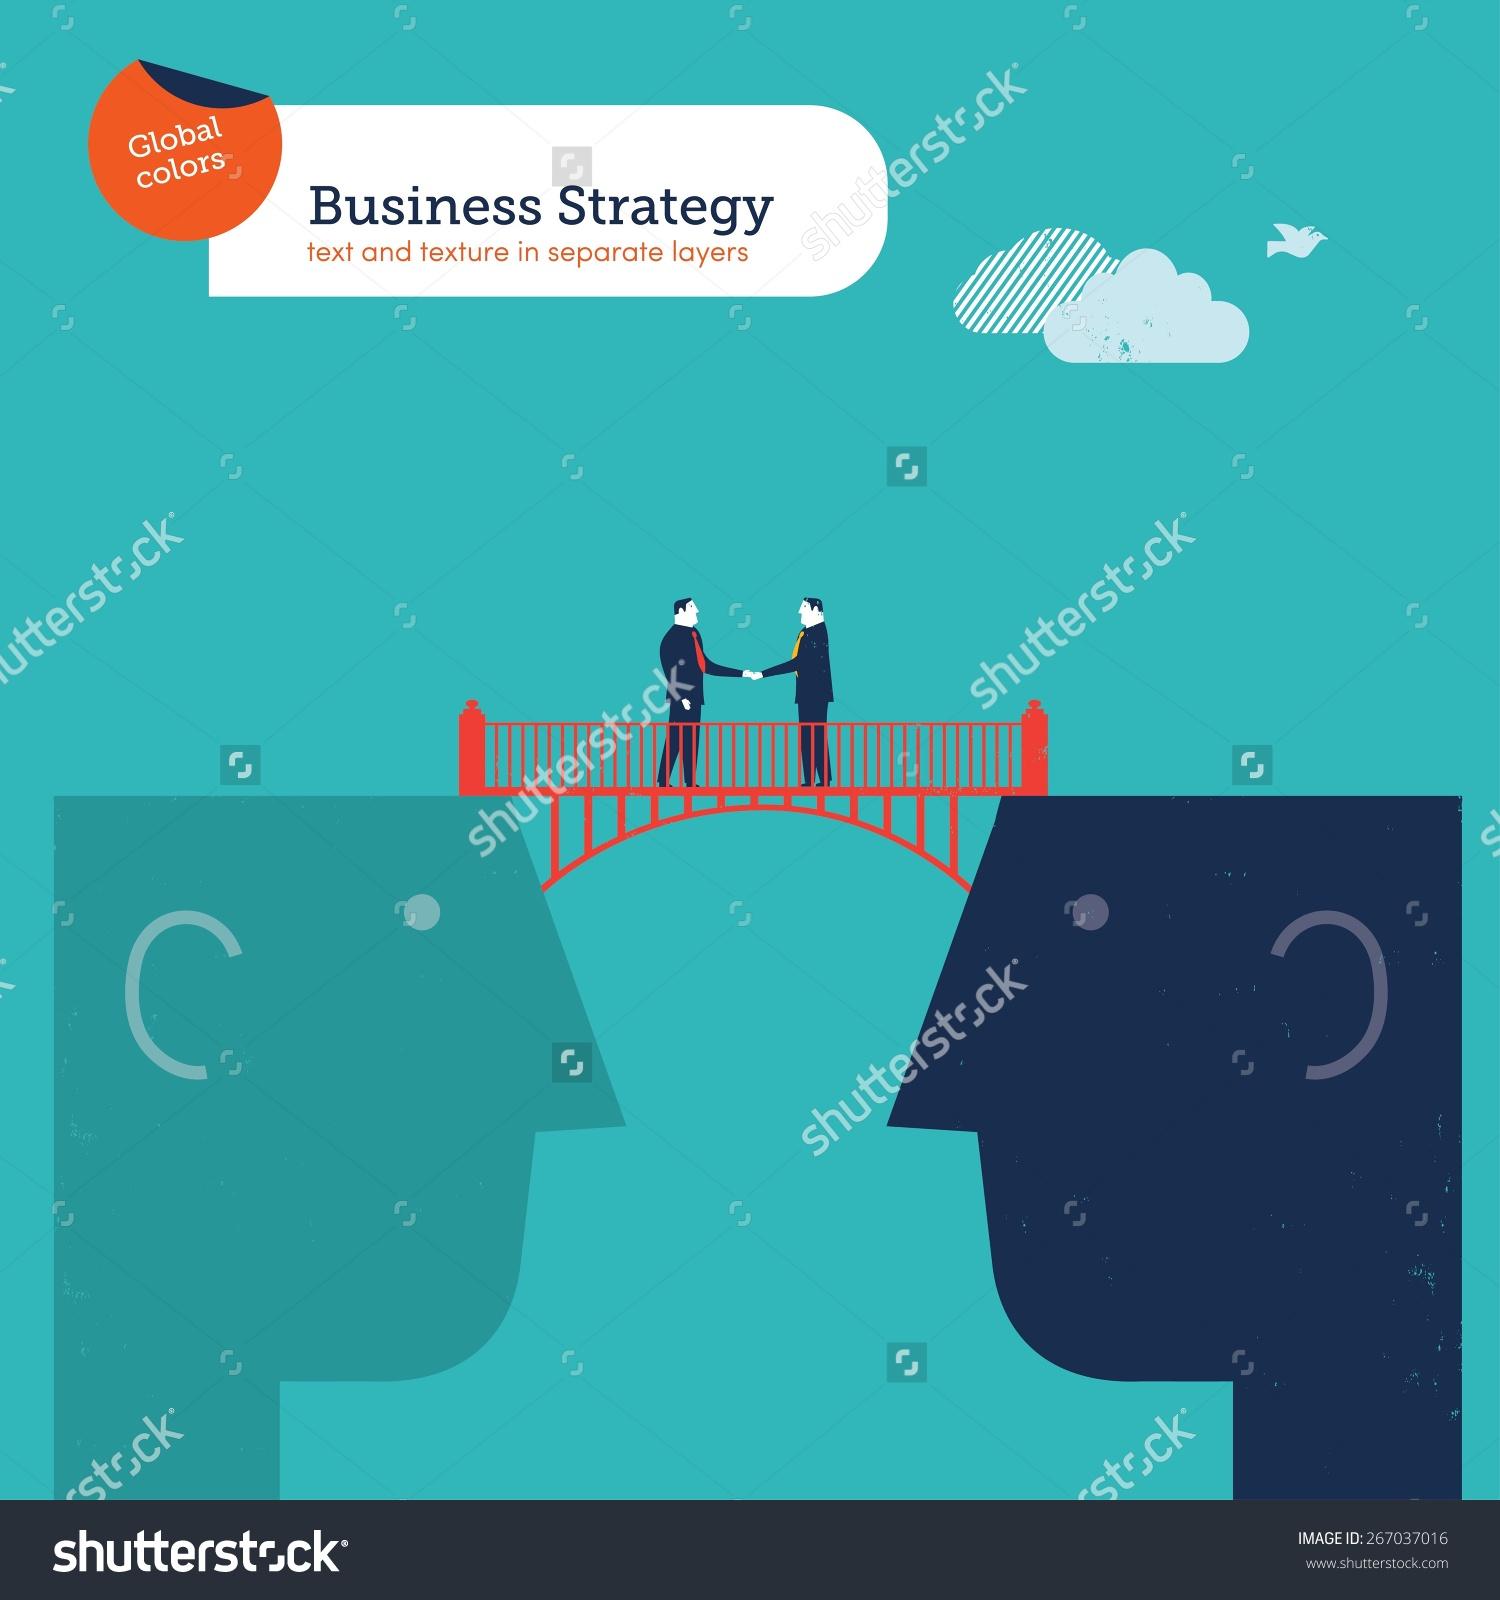 Businessmen Shaking Hands On A Bridge Between Two Heads. Vector.